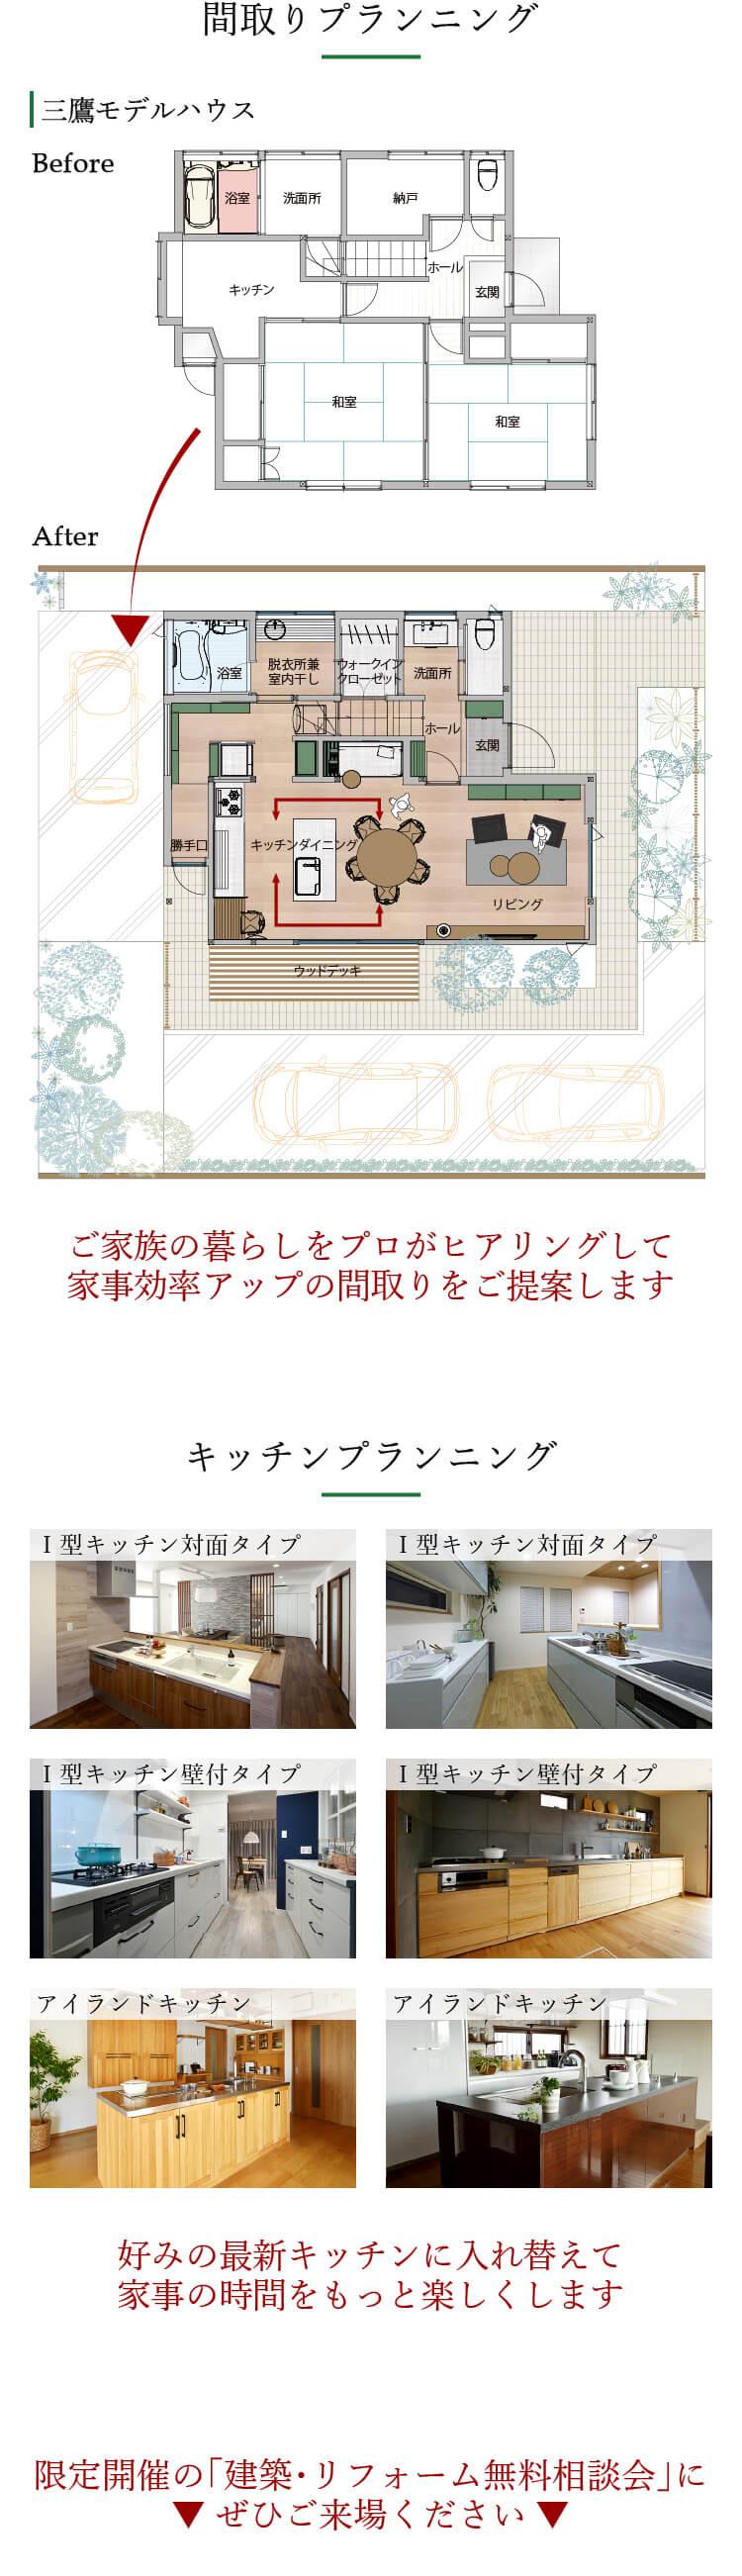 建築・リフォーム無料相談会